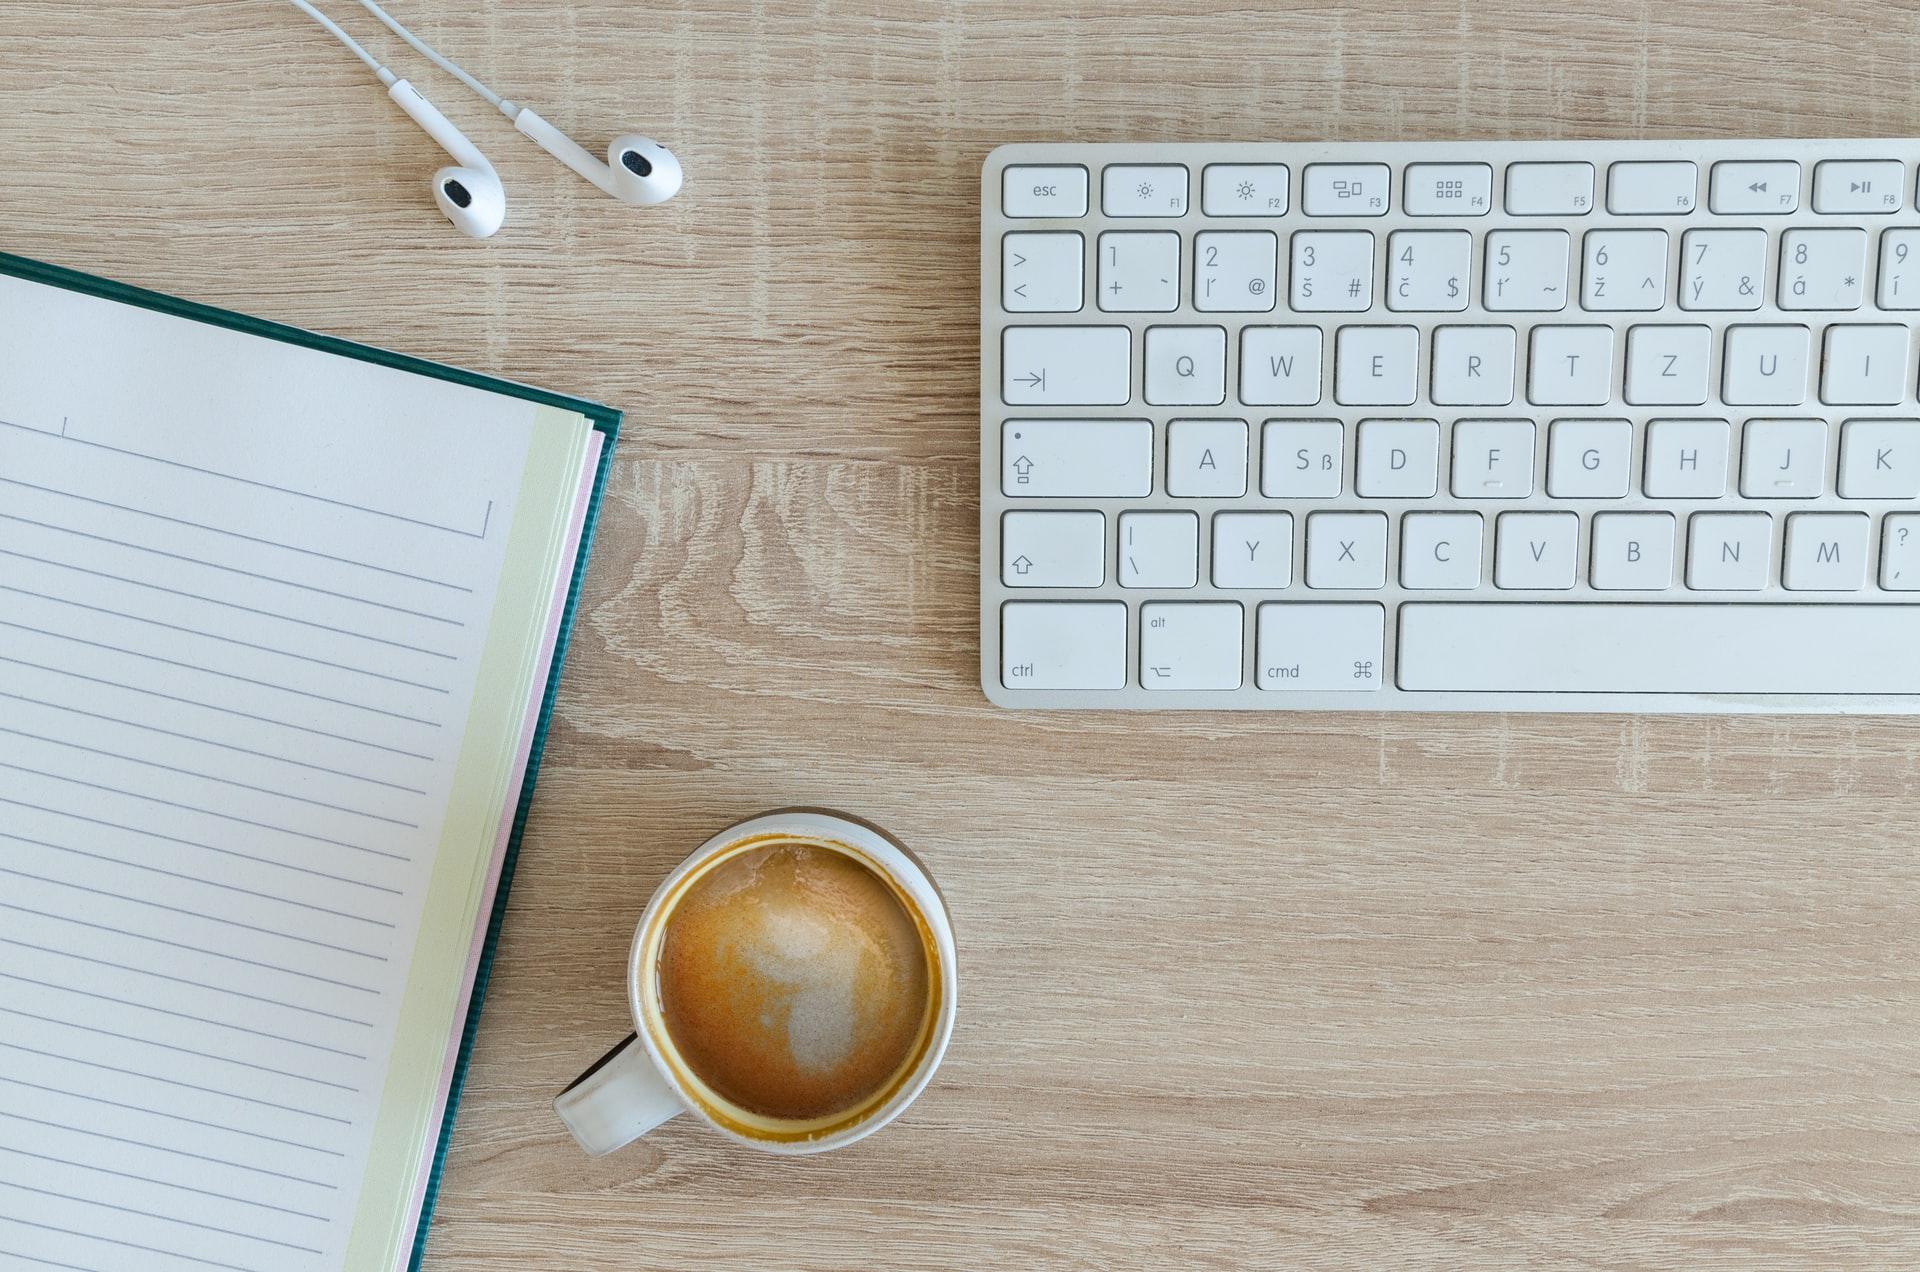 chávena de café e teclado do computador